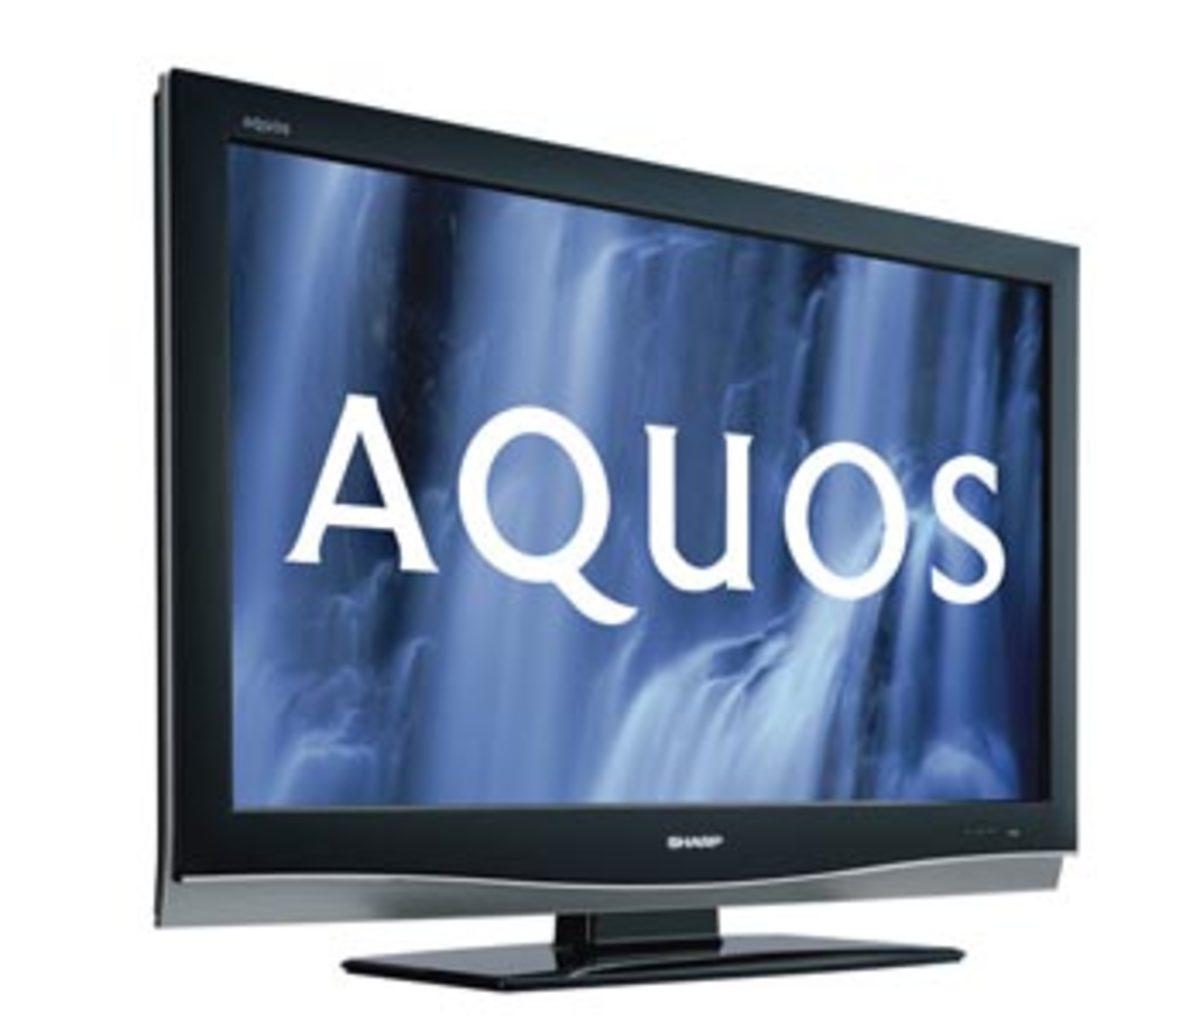 How to Update Sharp TV Firmware